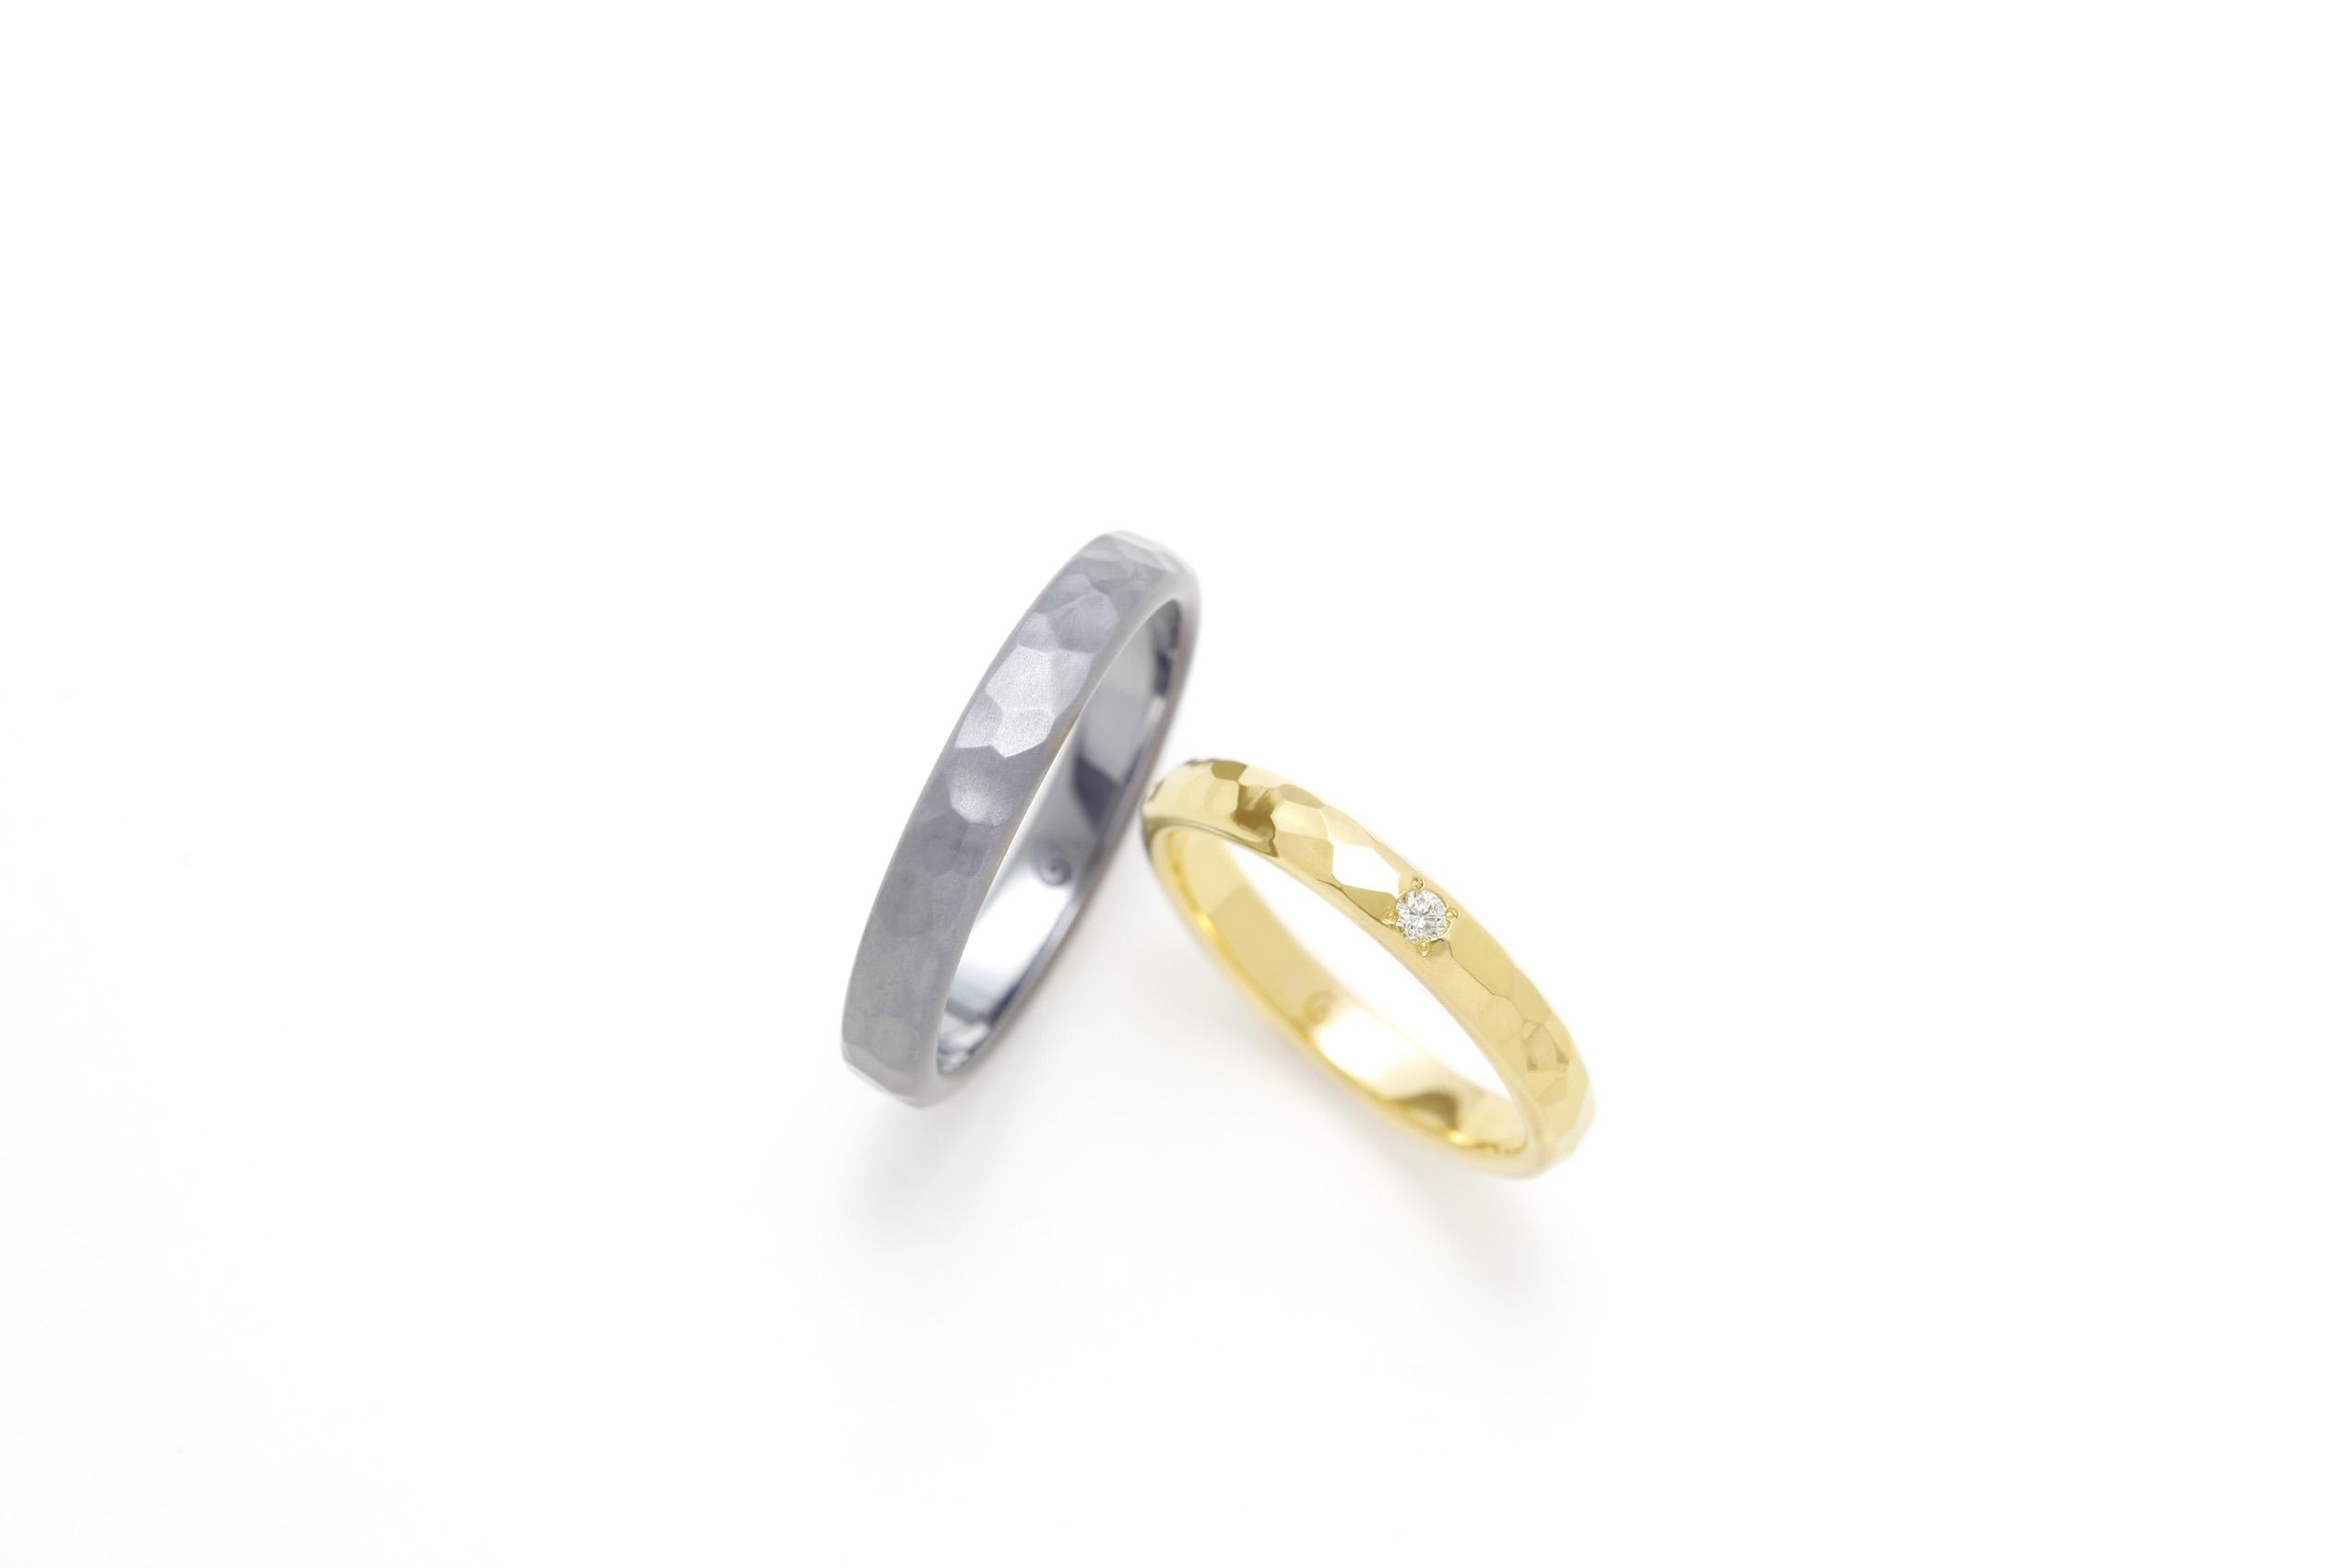 SORAの槌目の結婚指輪「アイナ」